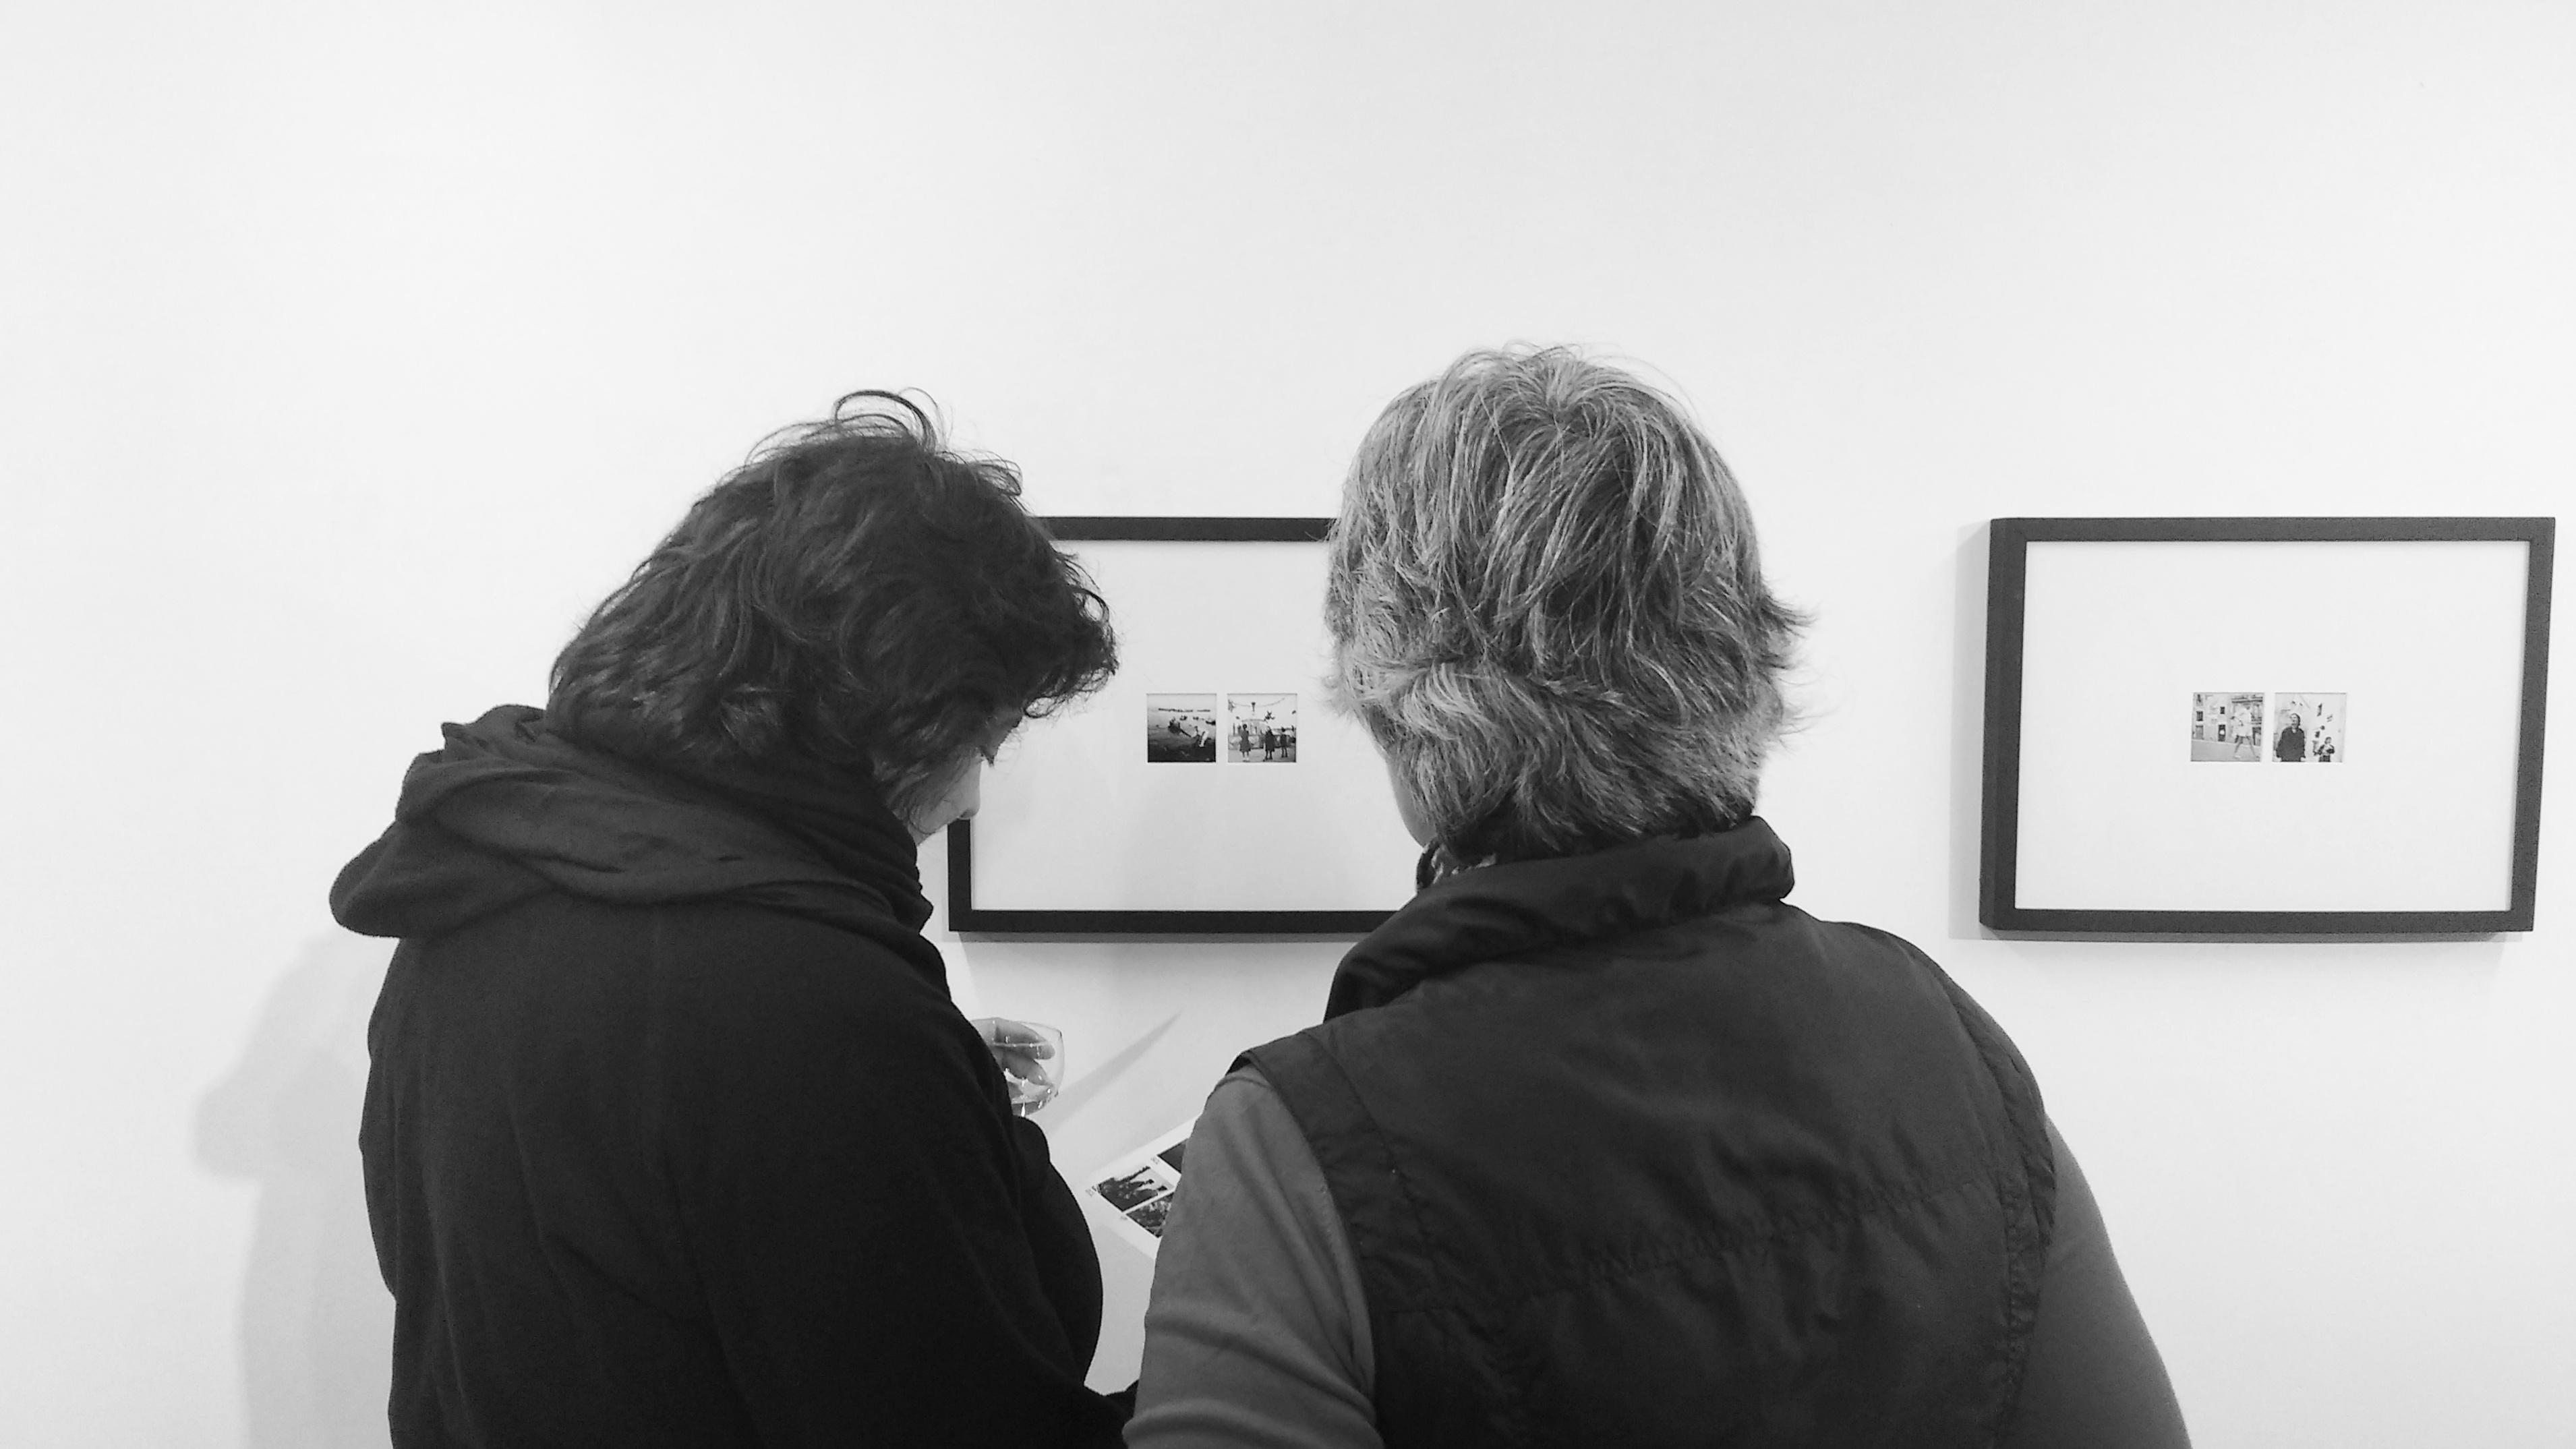 6x6 exhibition